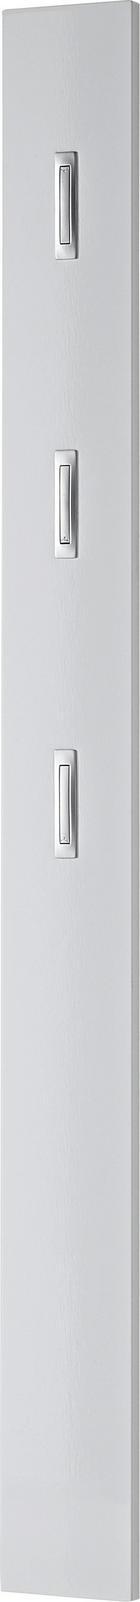 GARDEROBENPANEEL Weiß - Weiß, Design (15/170/4cm) - VOLEO